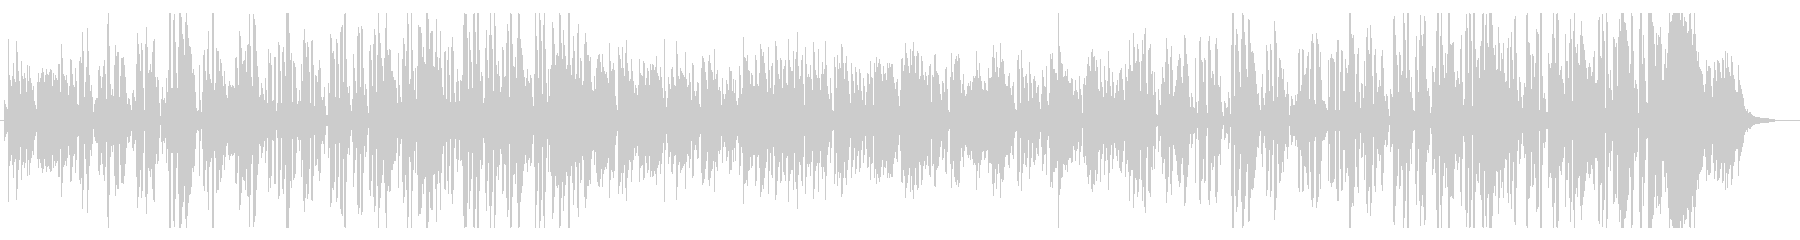 ジングルベルおしゃれなプロジャズシンガーの未再生の波形